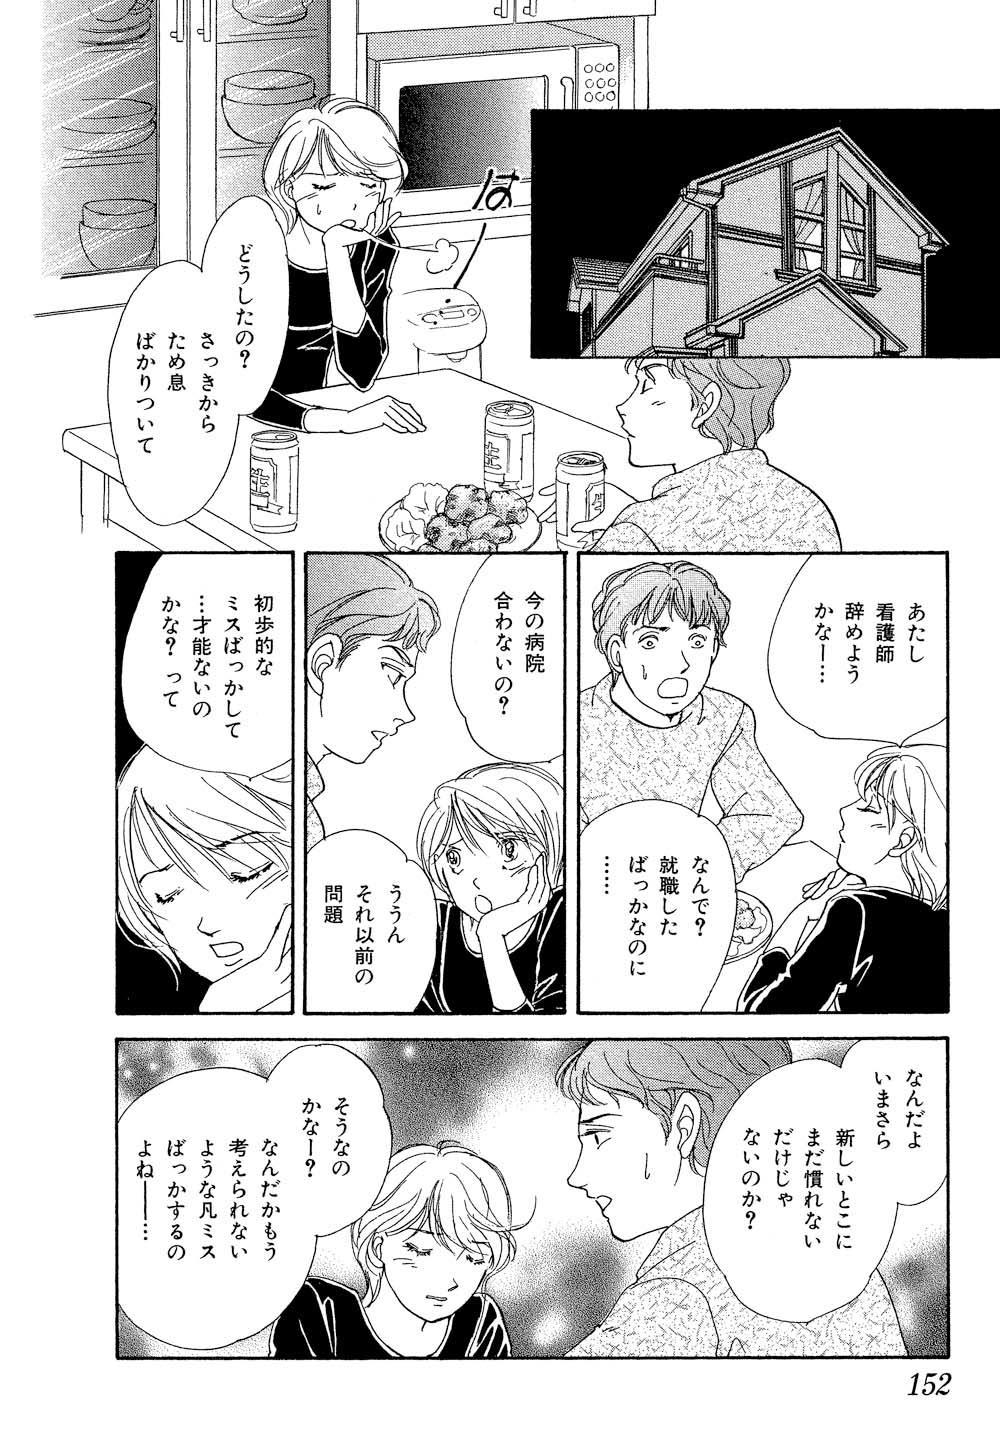 hakui_0001_0152.jpg